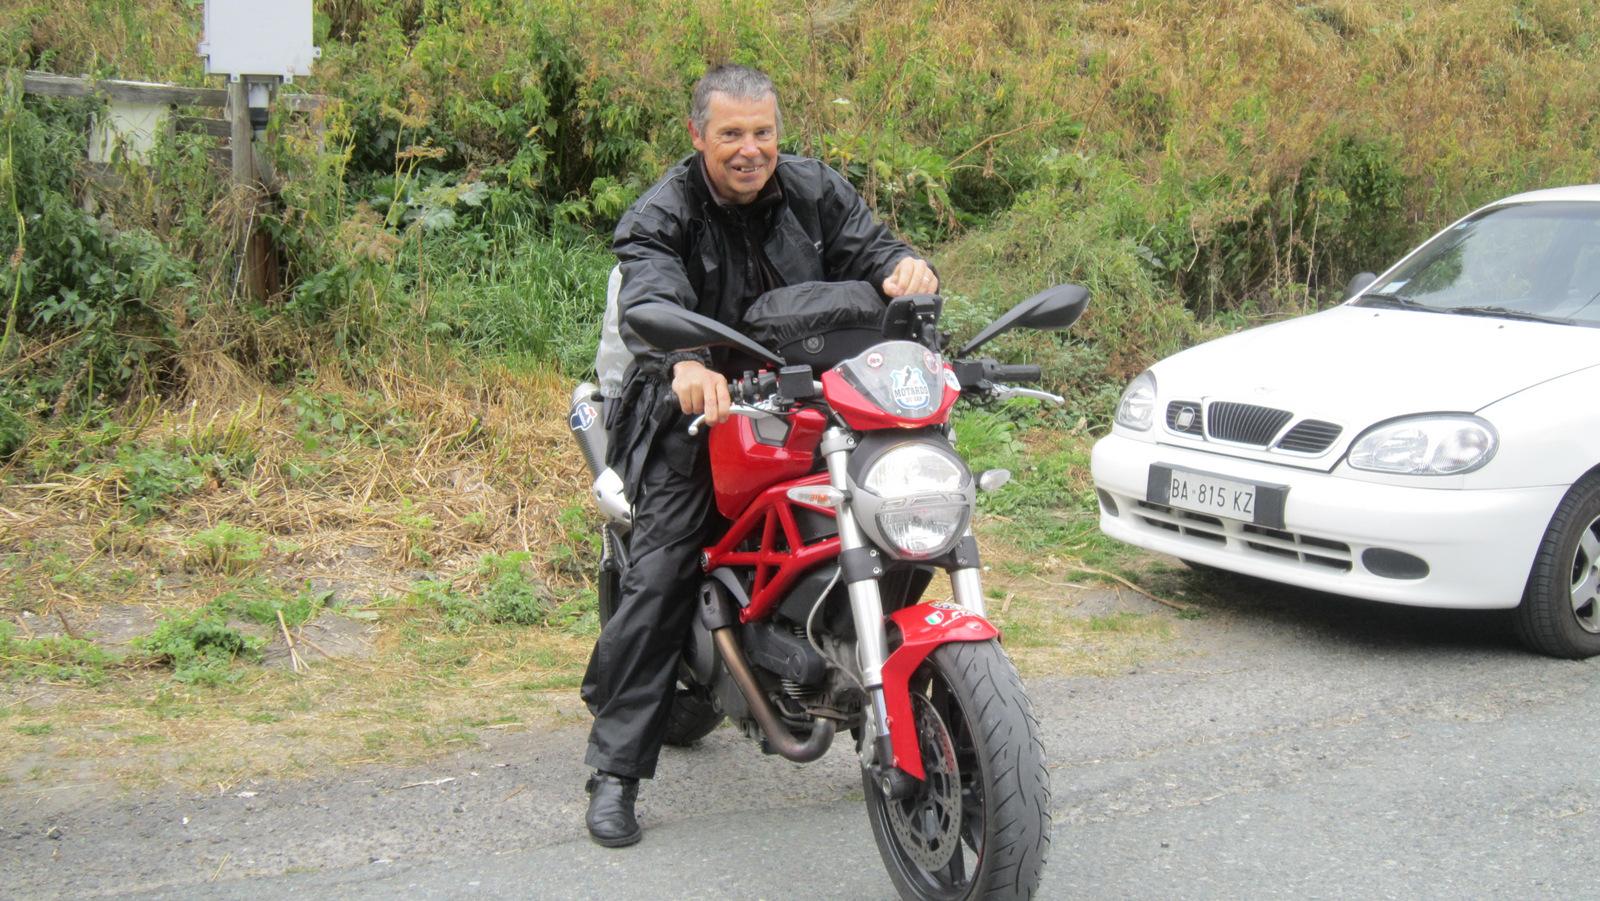 j'aime bien les motos rouges !!!